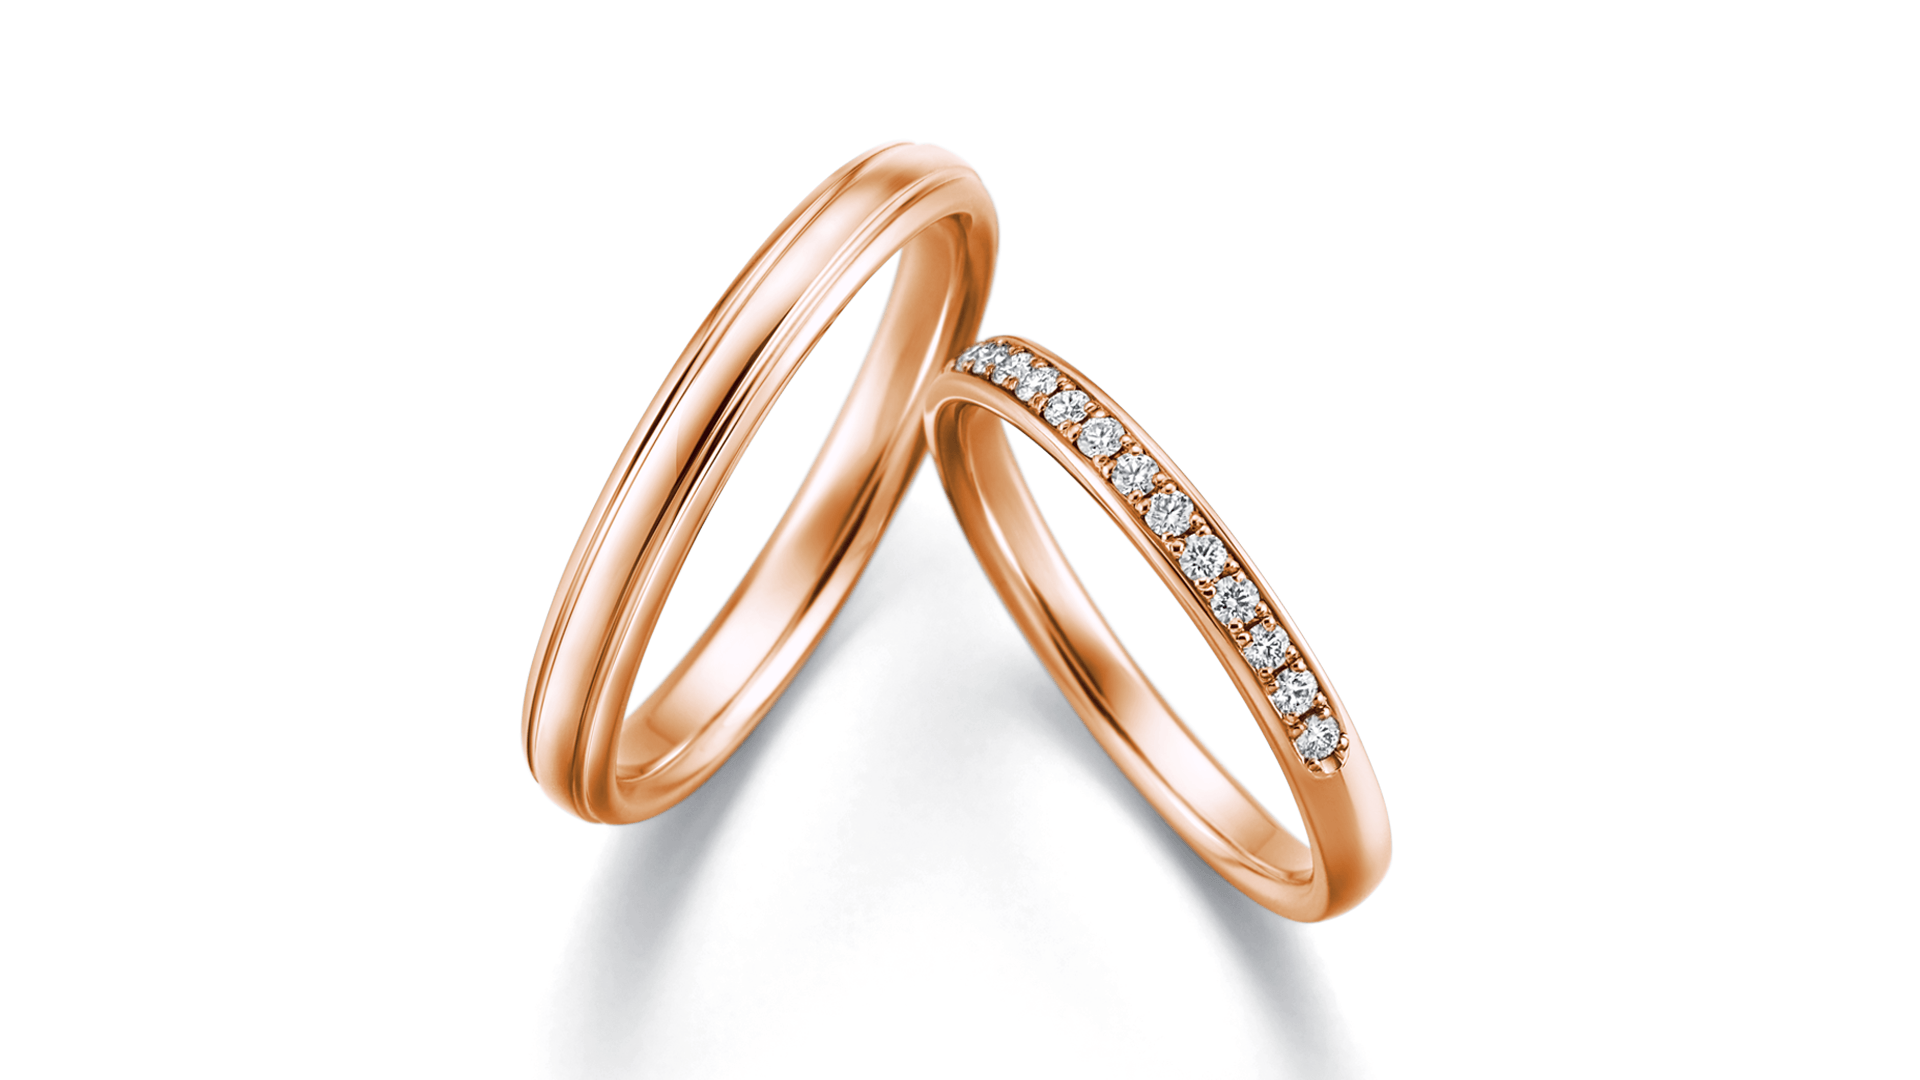 brigit ブリジット | 結婚指輪サムネイル 2